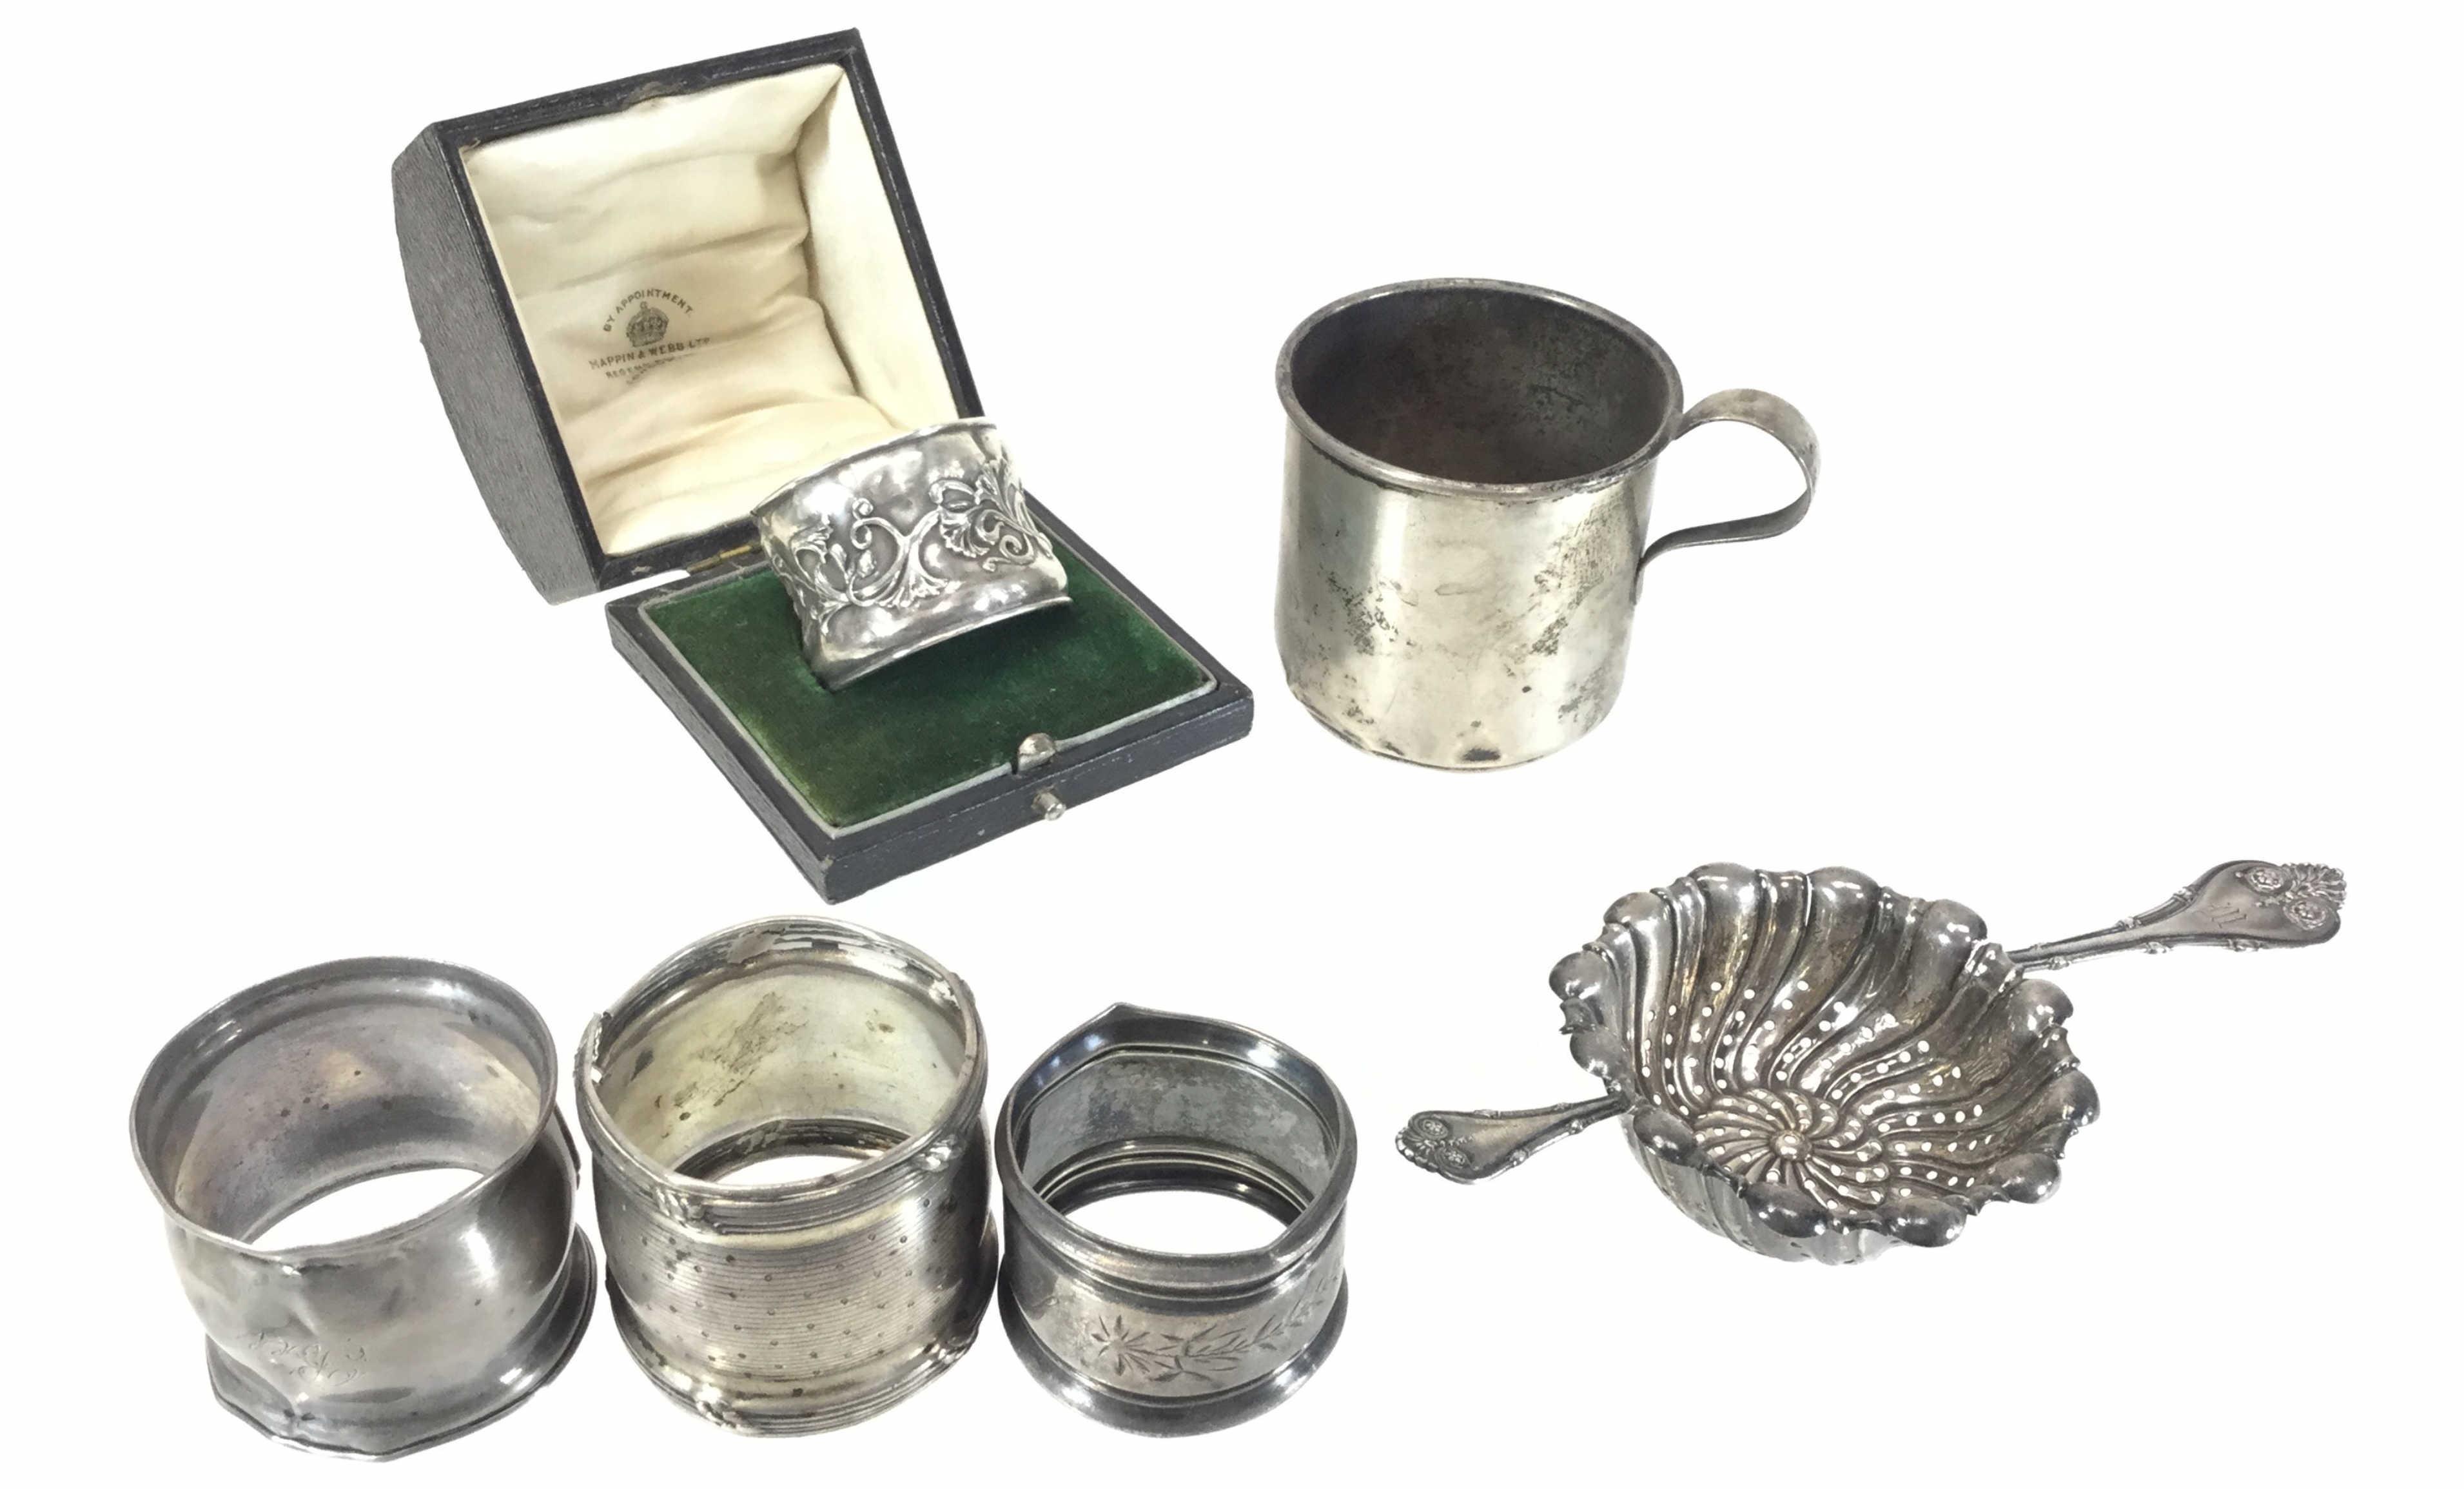 Vintage Sterling Napkin Rings, Tea Strainer & Mug